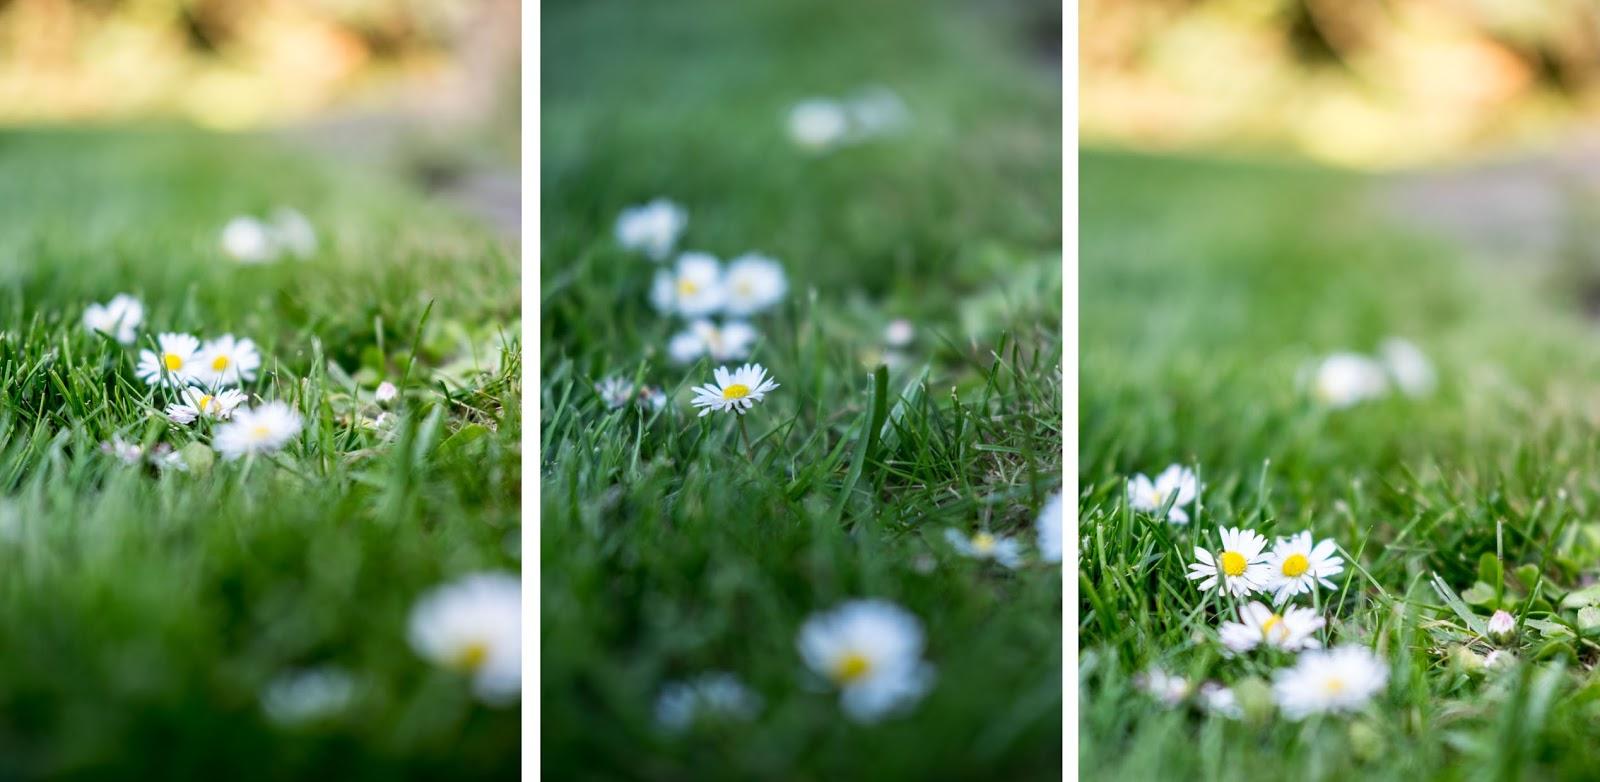 fim.works, ein Lifestyle Blog | Gänseblümchen, sattgrüner Rasen